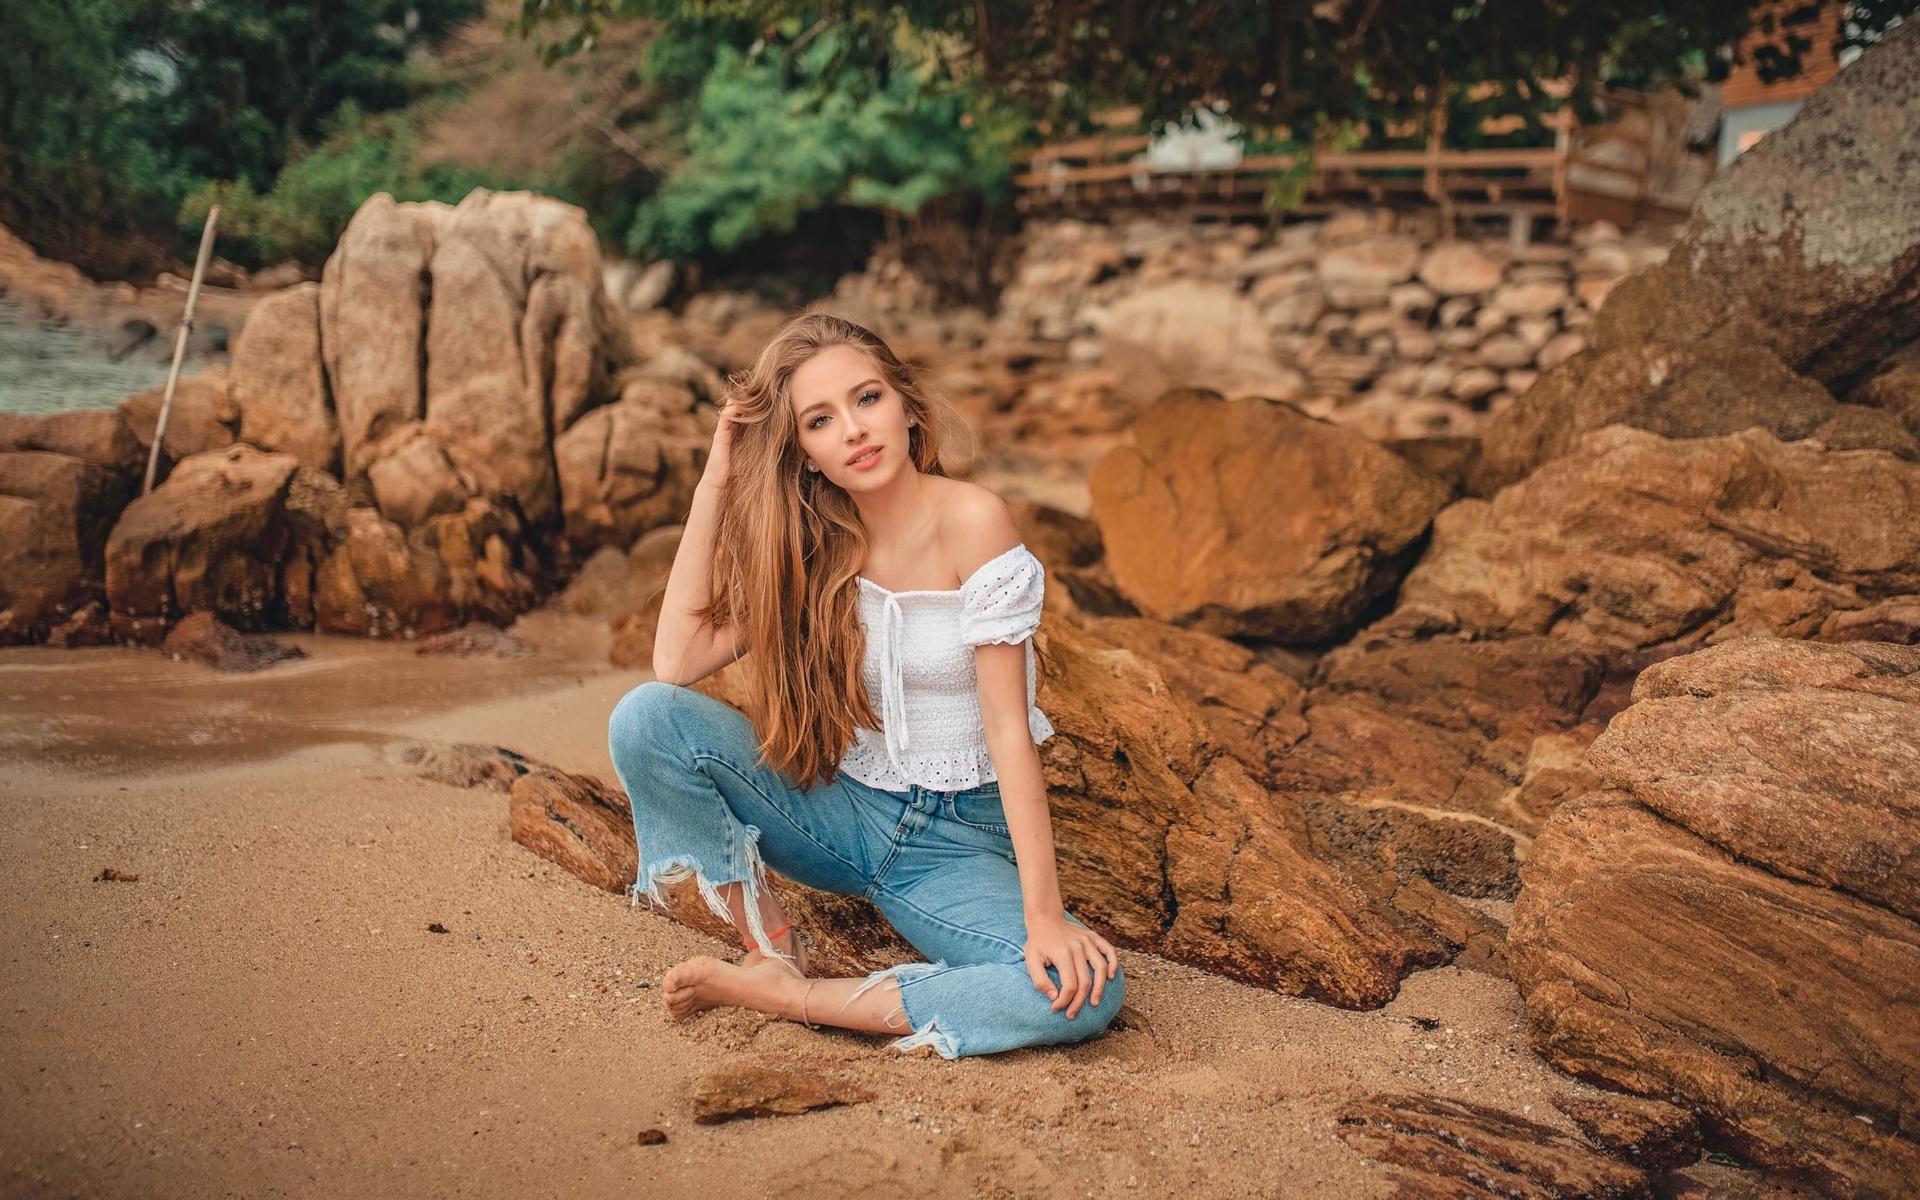 песок, девушка, природа, поза, камни, джинсы, блузка, плечо, босая, русая